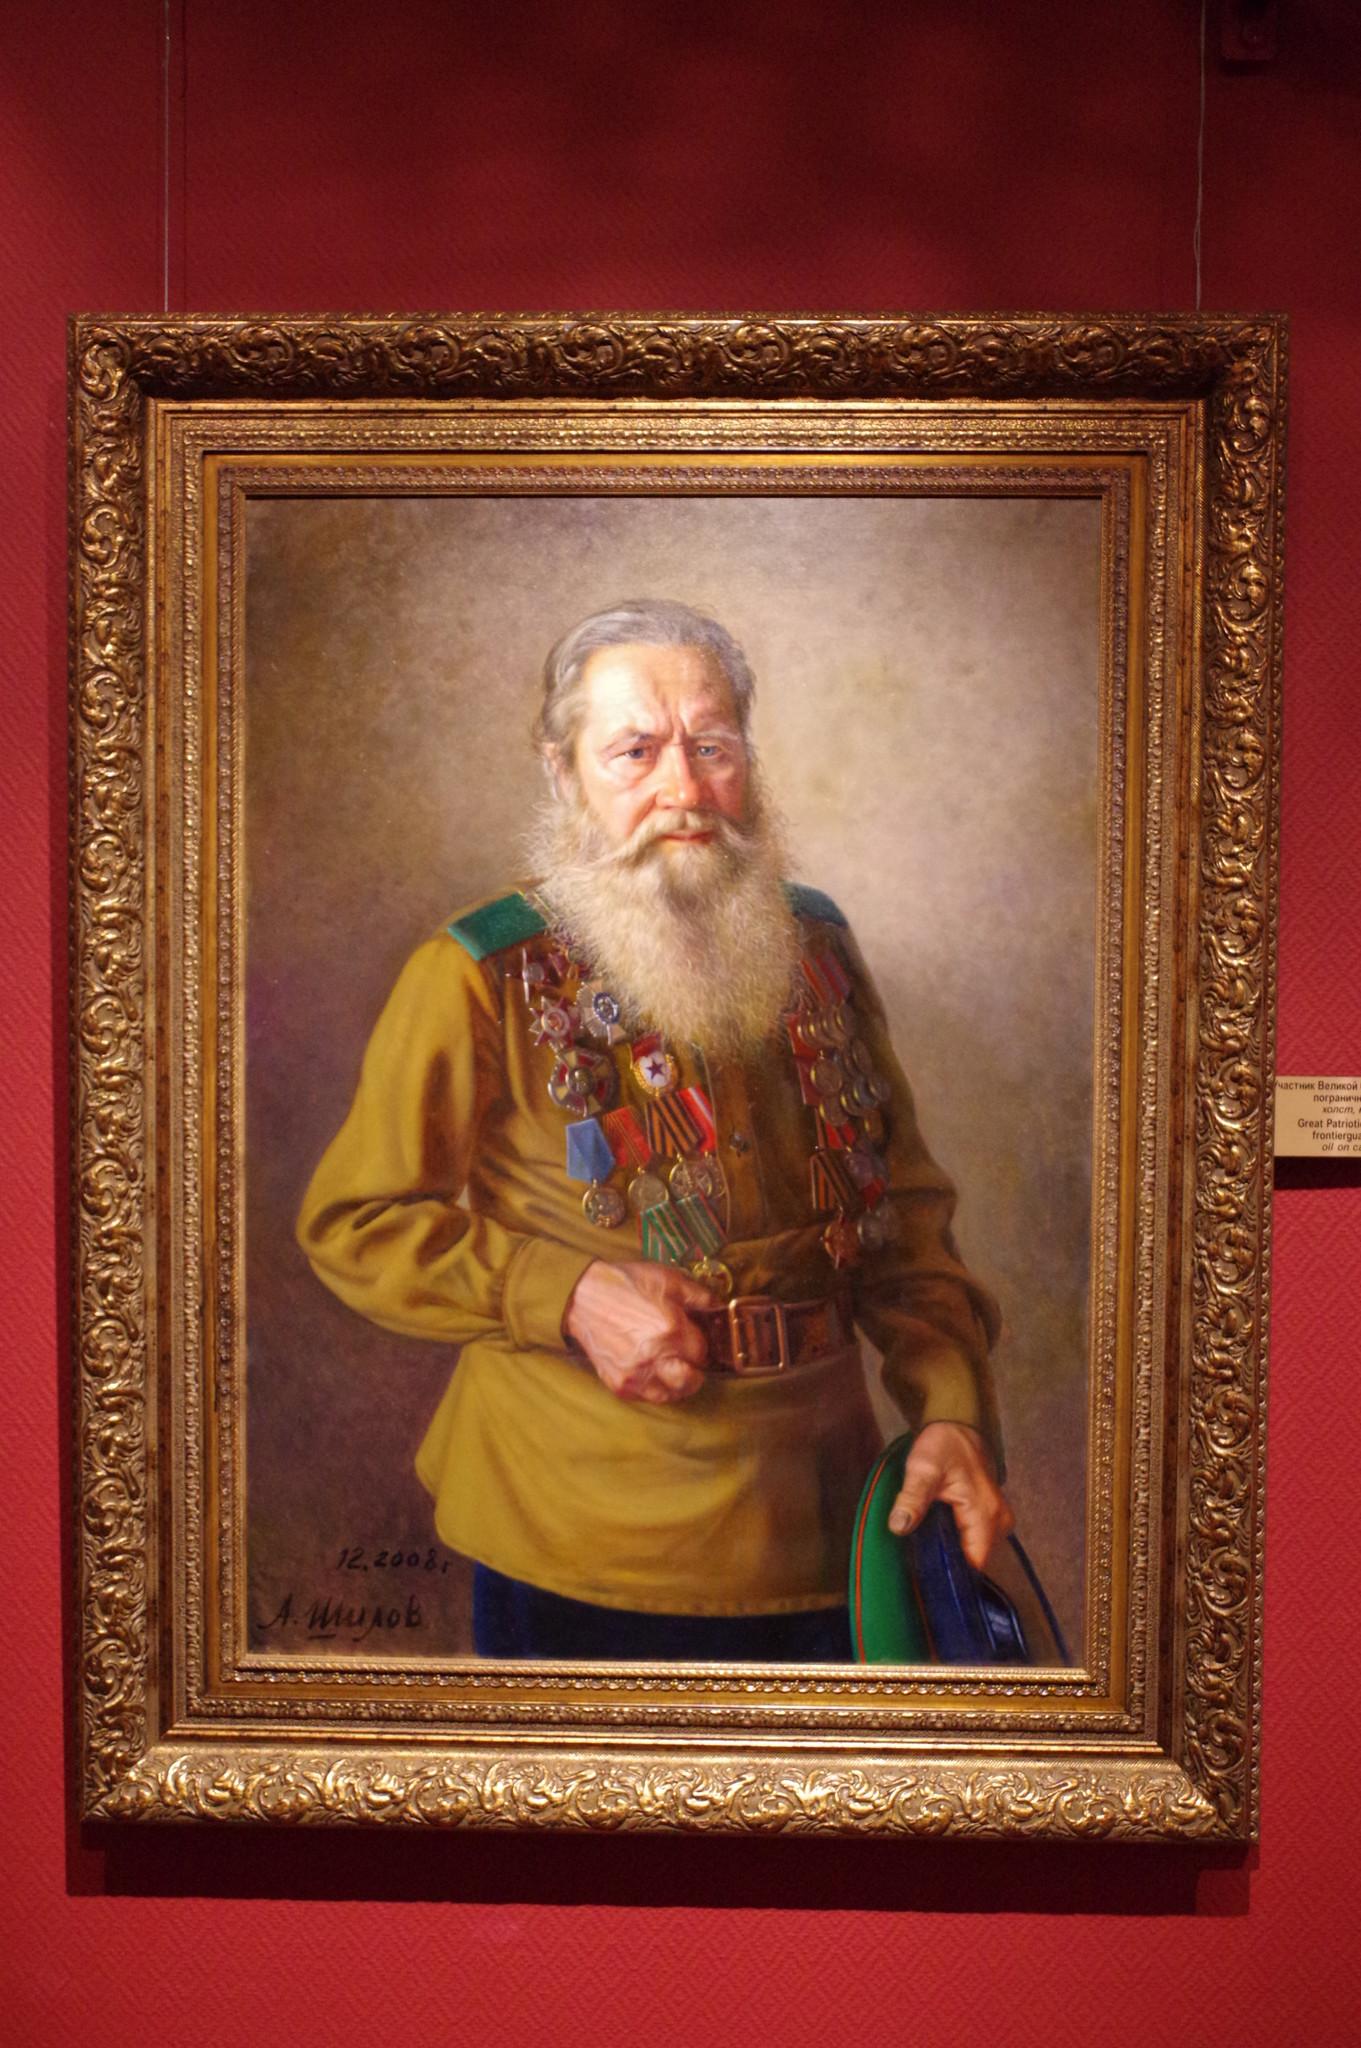 Участник Великой Отечественной войны, пограничник Попов В.А. (Александр Шилов, холст, масло, 2008)